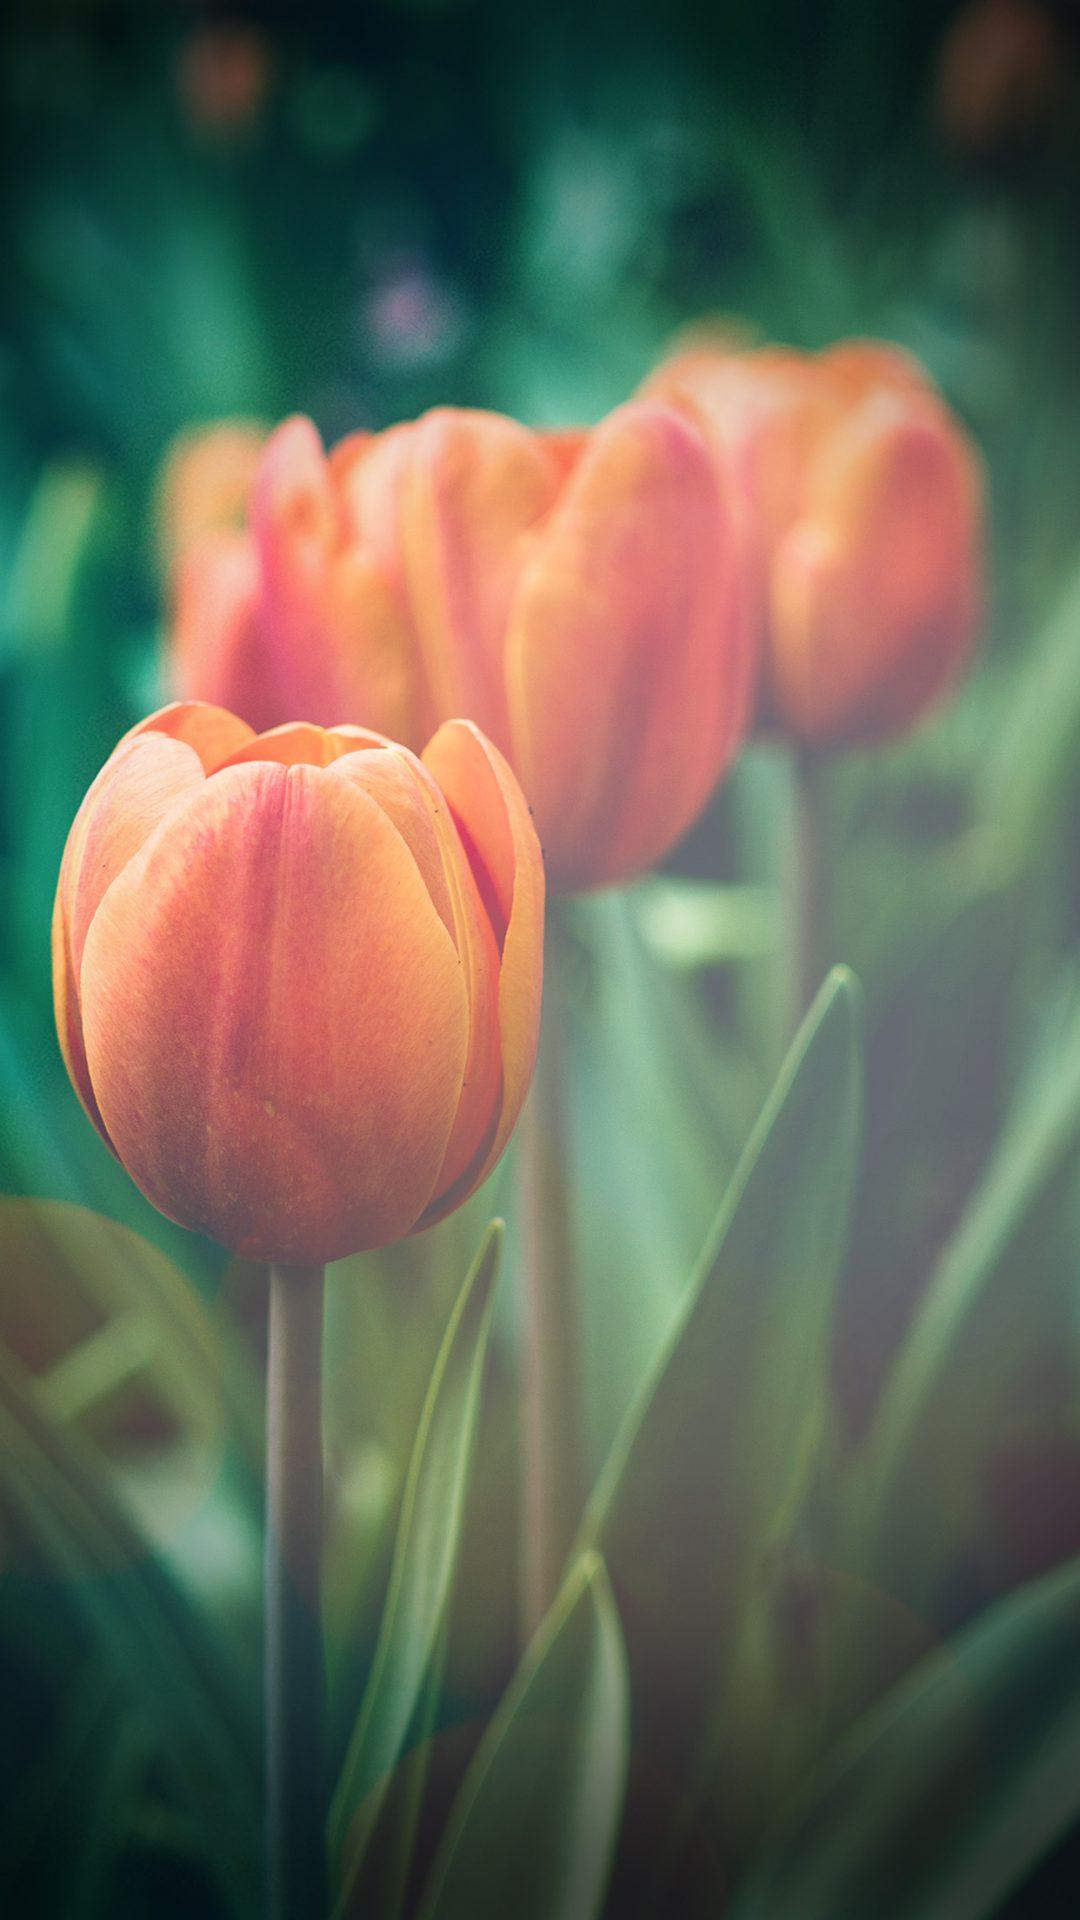 Flower Tulip Green Vignette Love Nature